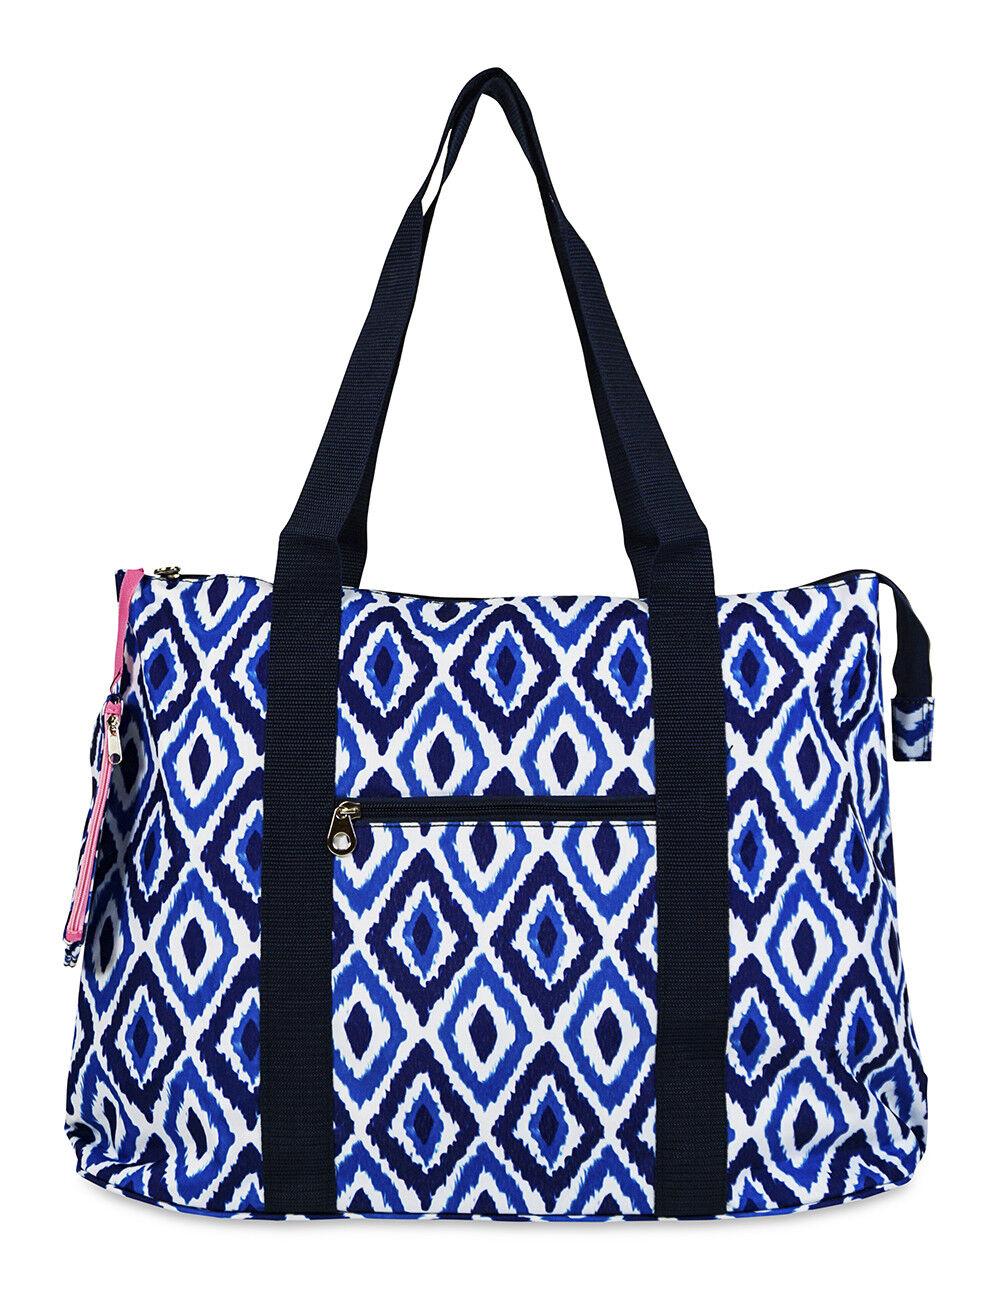 Jenzys Womens Ikat Large Shoulder Tote Bag for Travel Shoppi